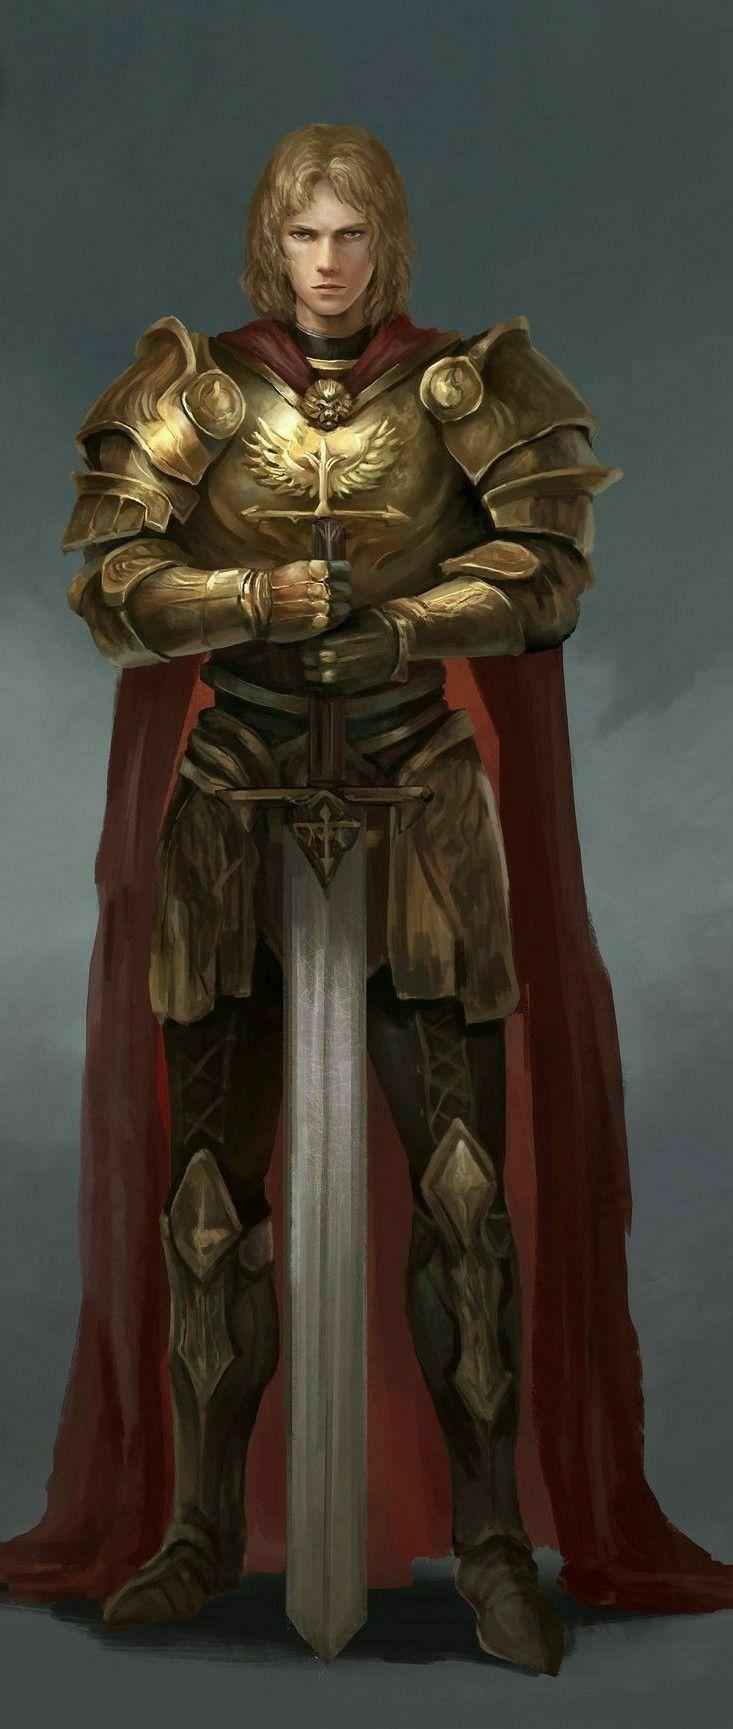 Humano - Paladino | Fantasy armor, Paladin armor, Paladin